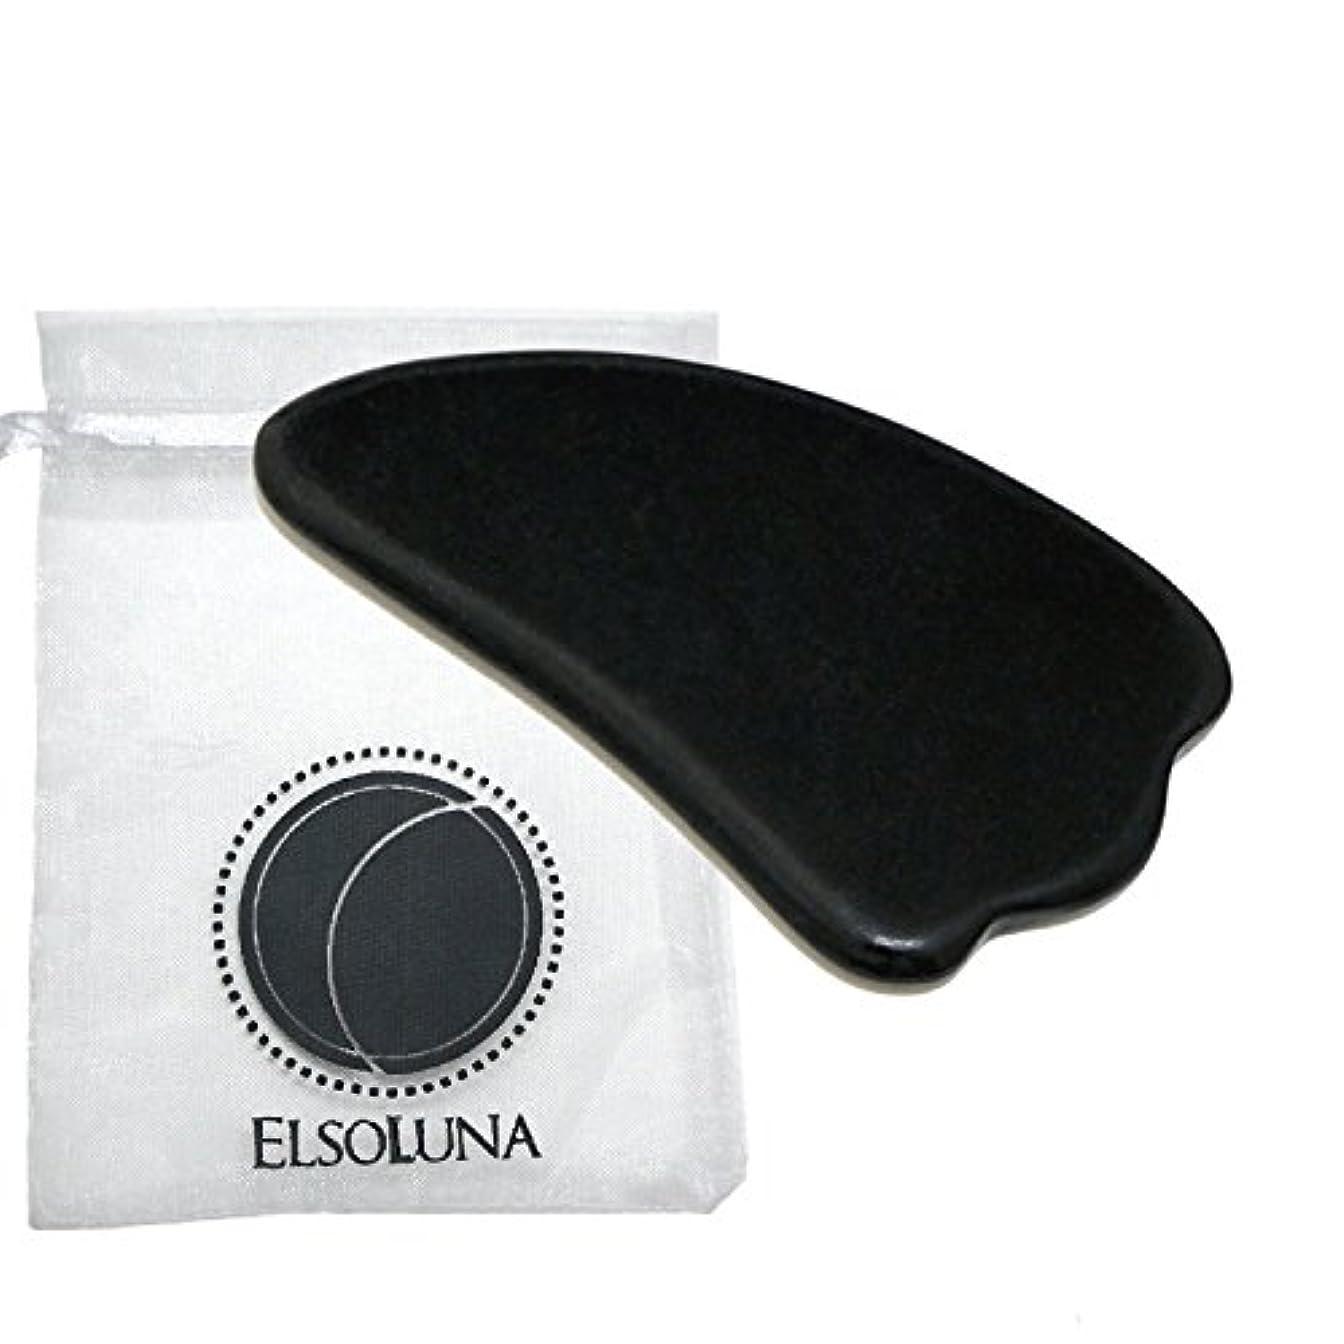 心のこもったパトロンインポートElsoluna(エルソルーナ) かっさプレート かっさマッサージ 美顔 天然石 パワーストーン (ベン石 羽根型, ブラック)